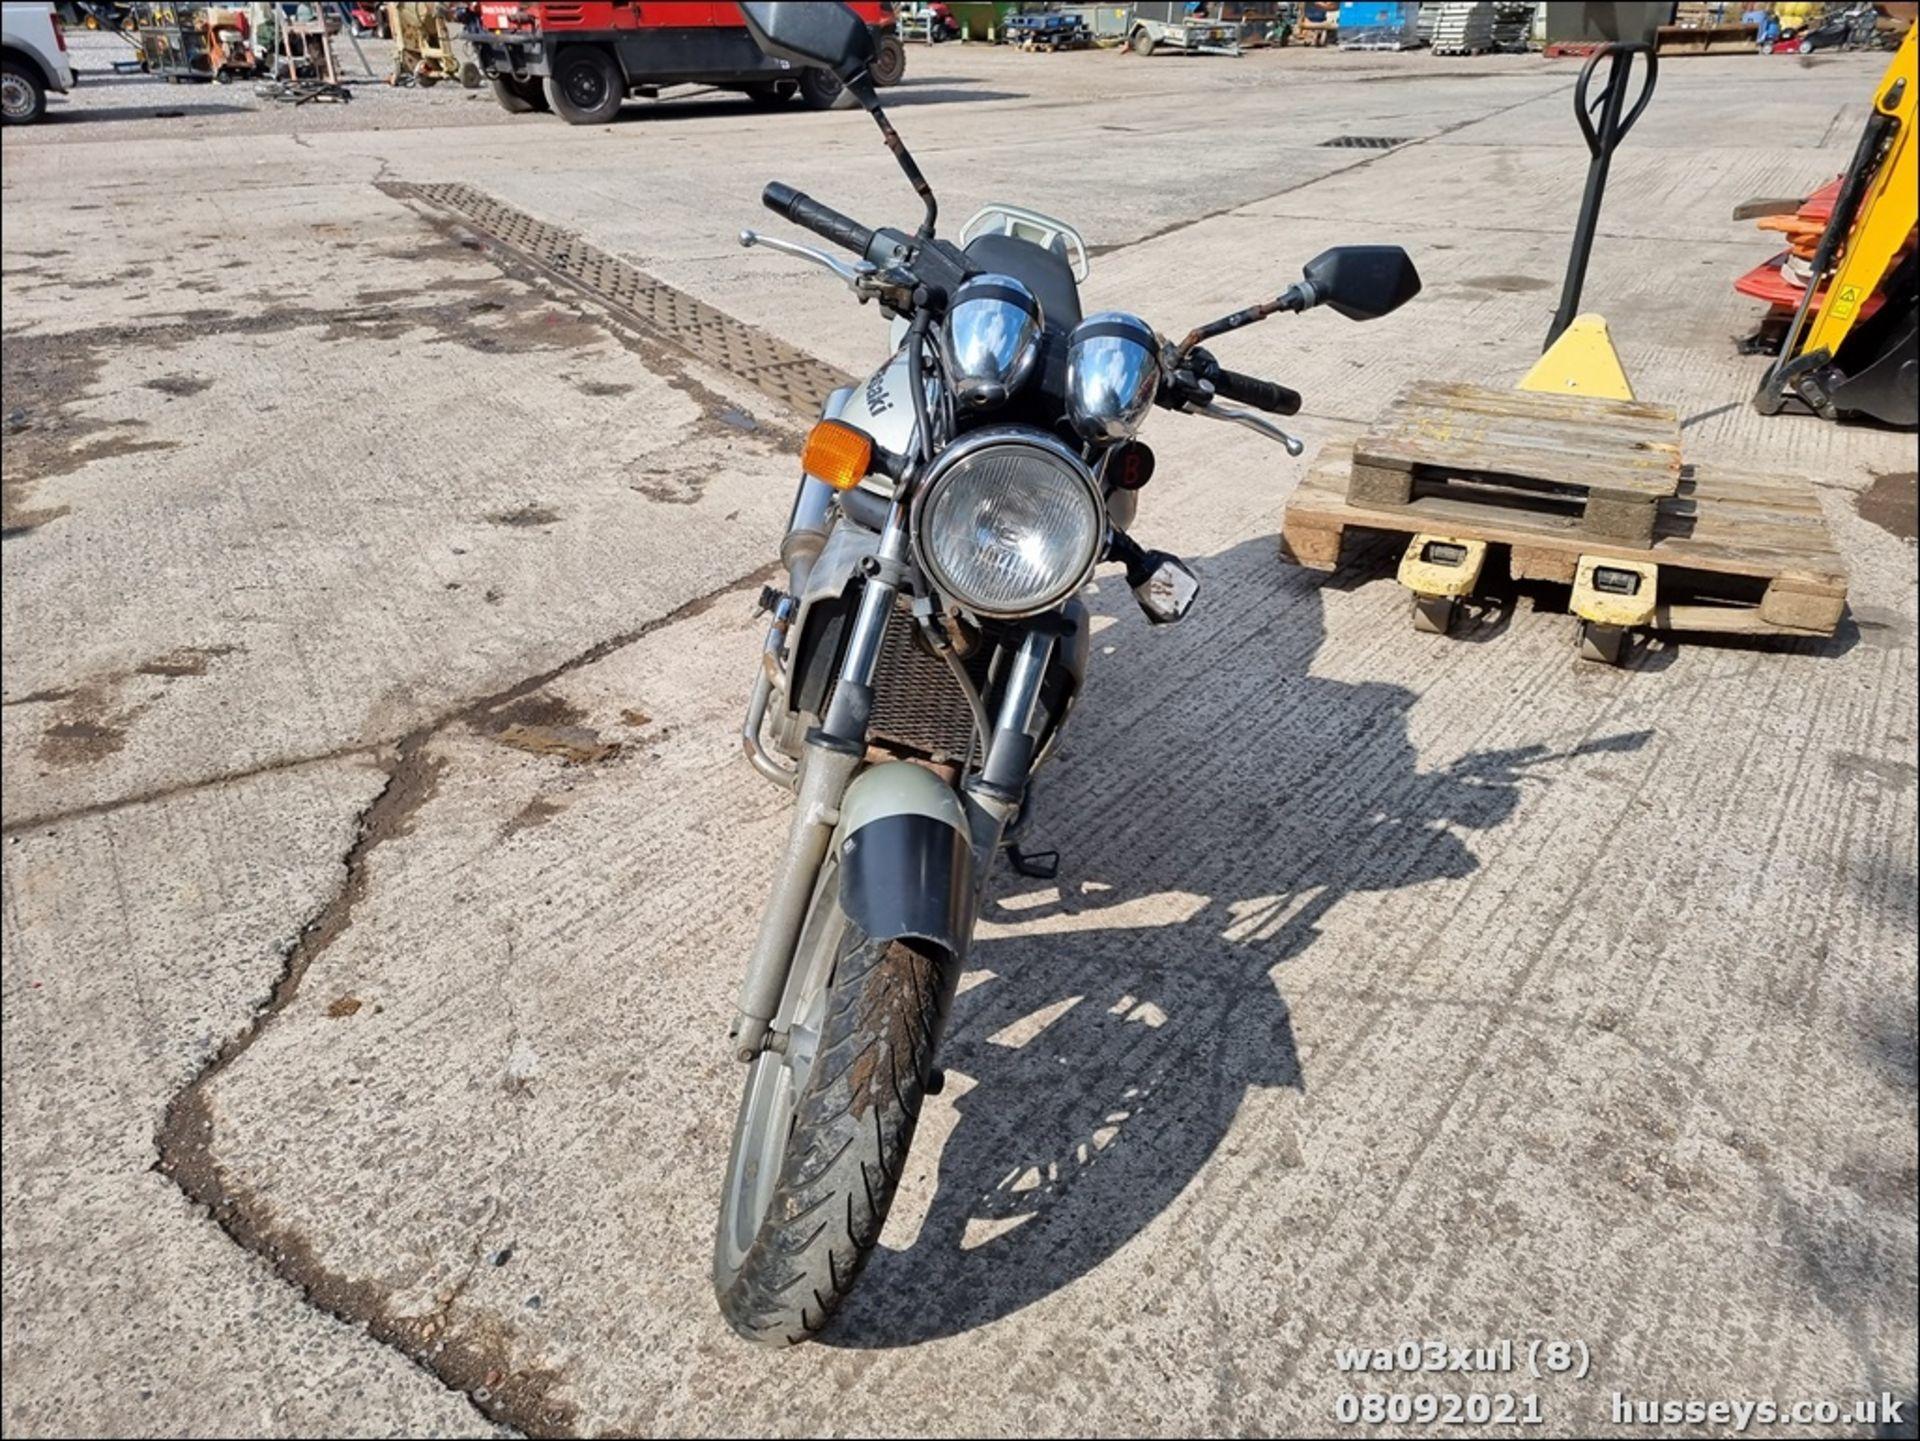 03/03 KAWASAKI ER500-C1 - 498cc Motorcycle (Gold) - Image 7 of 16